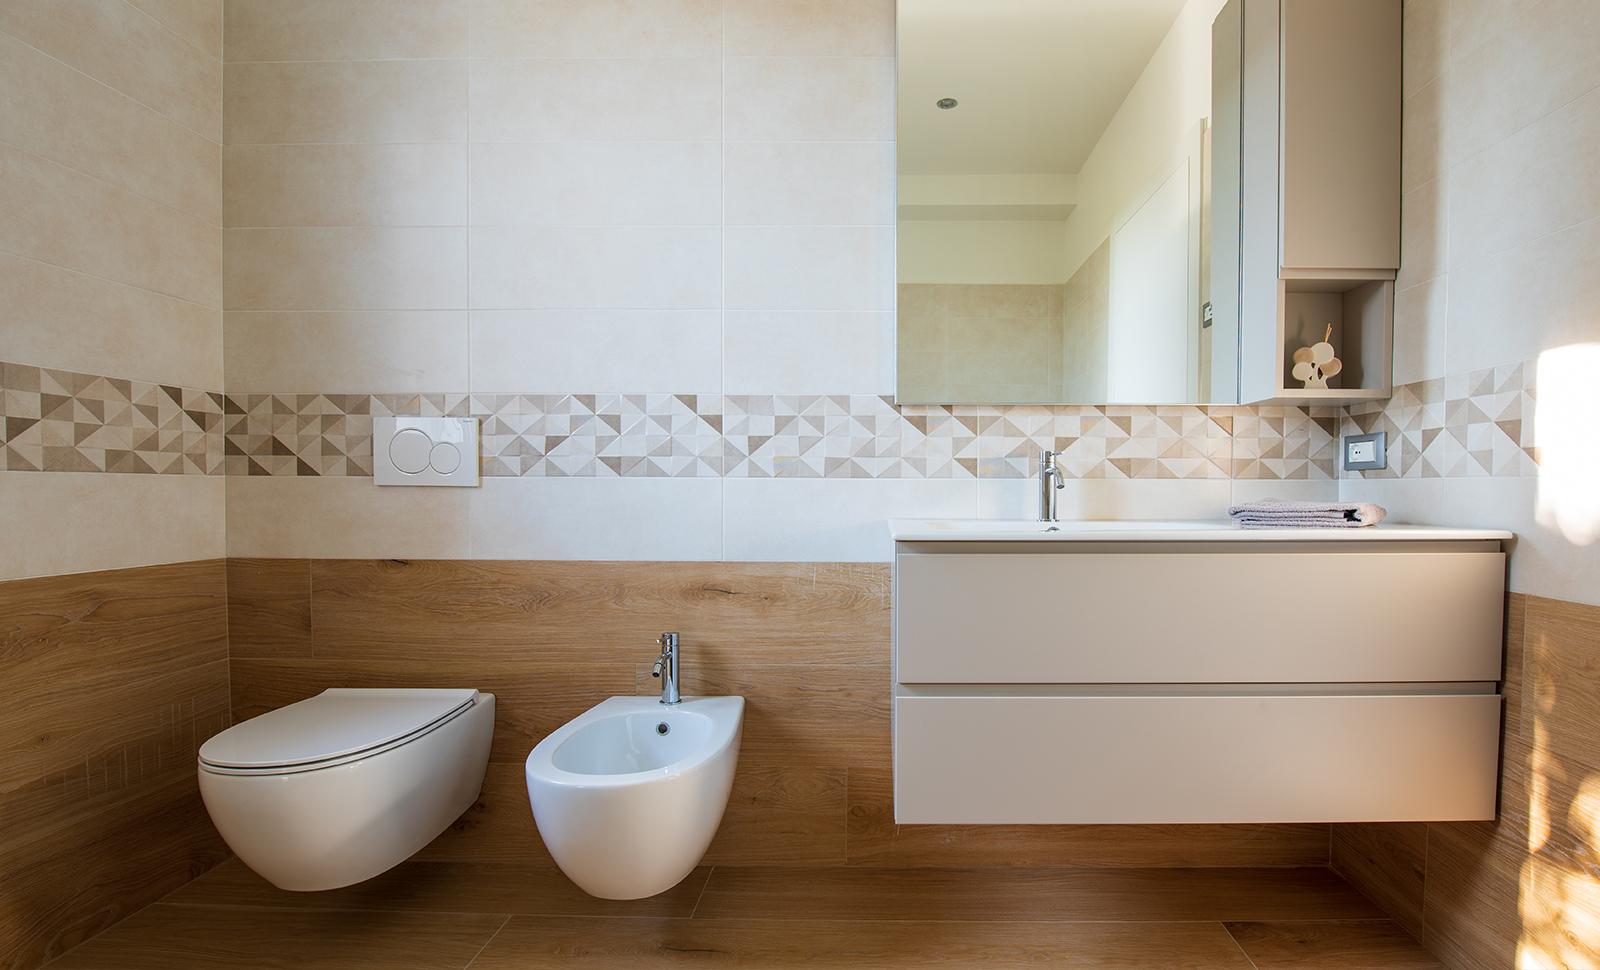 Rivestimenti Bagni Piccoli Esempi blog - silvestri pavimenti, rivestimenti e arredobagno